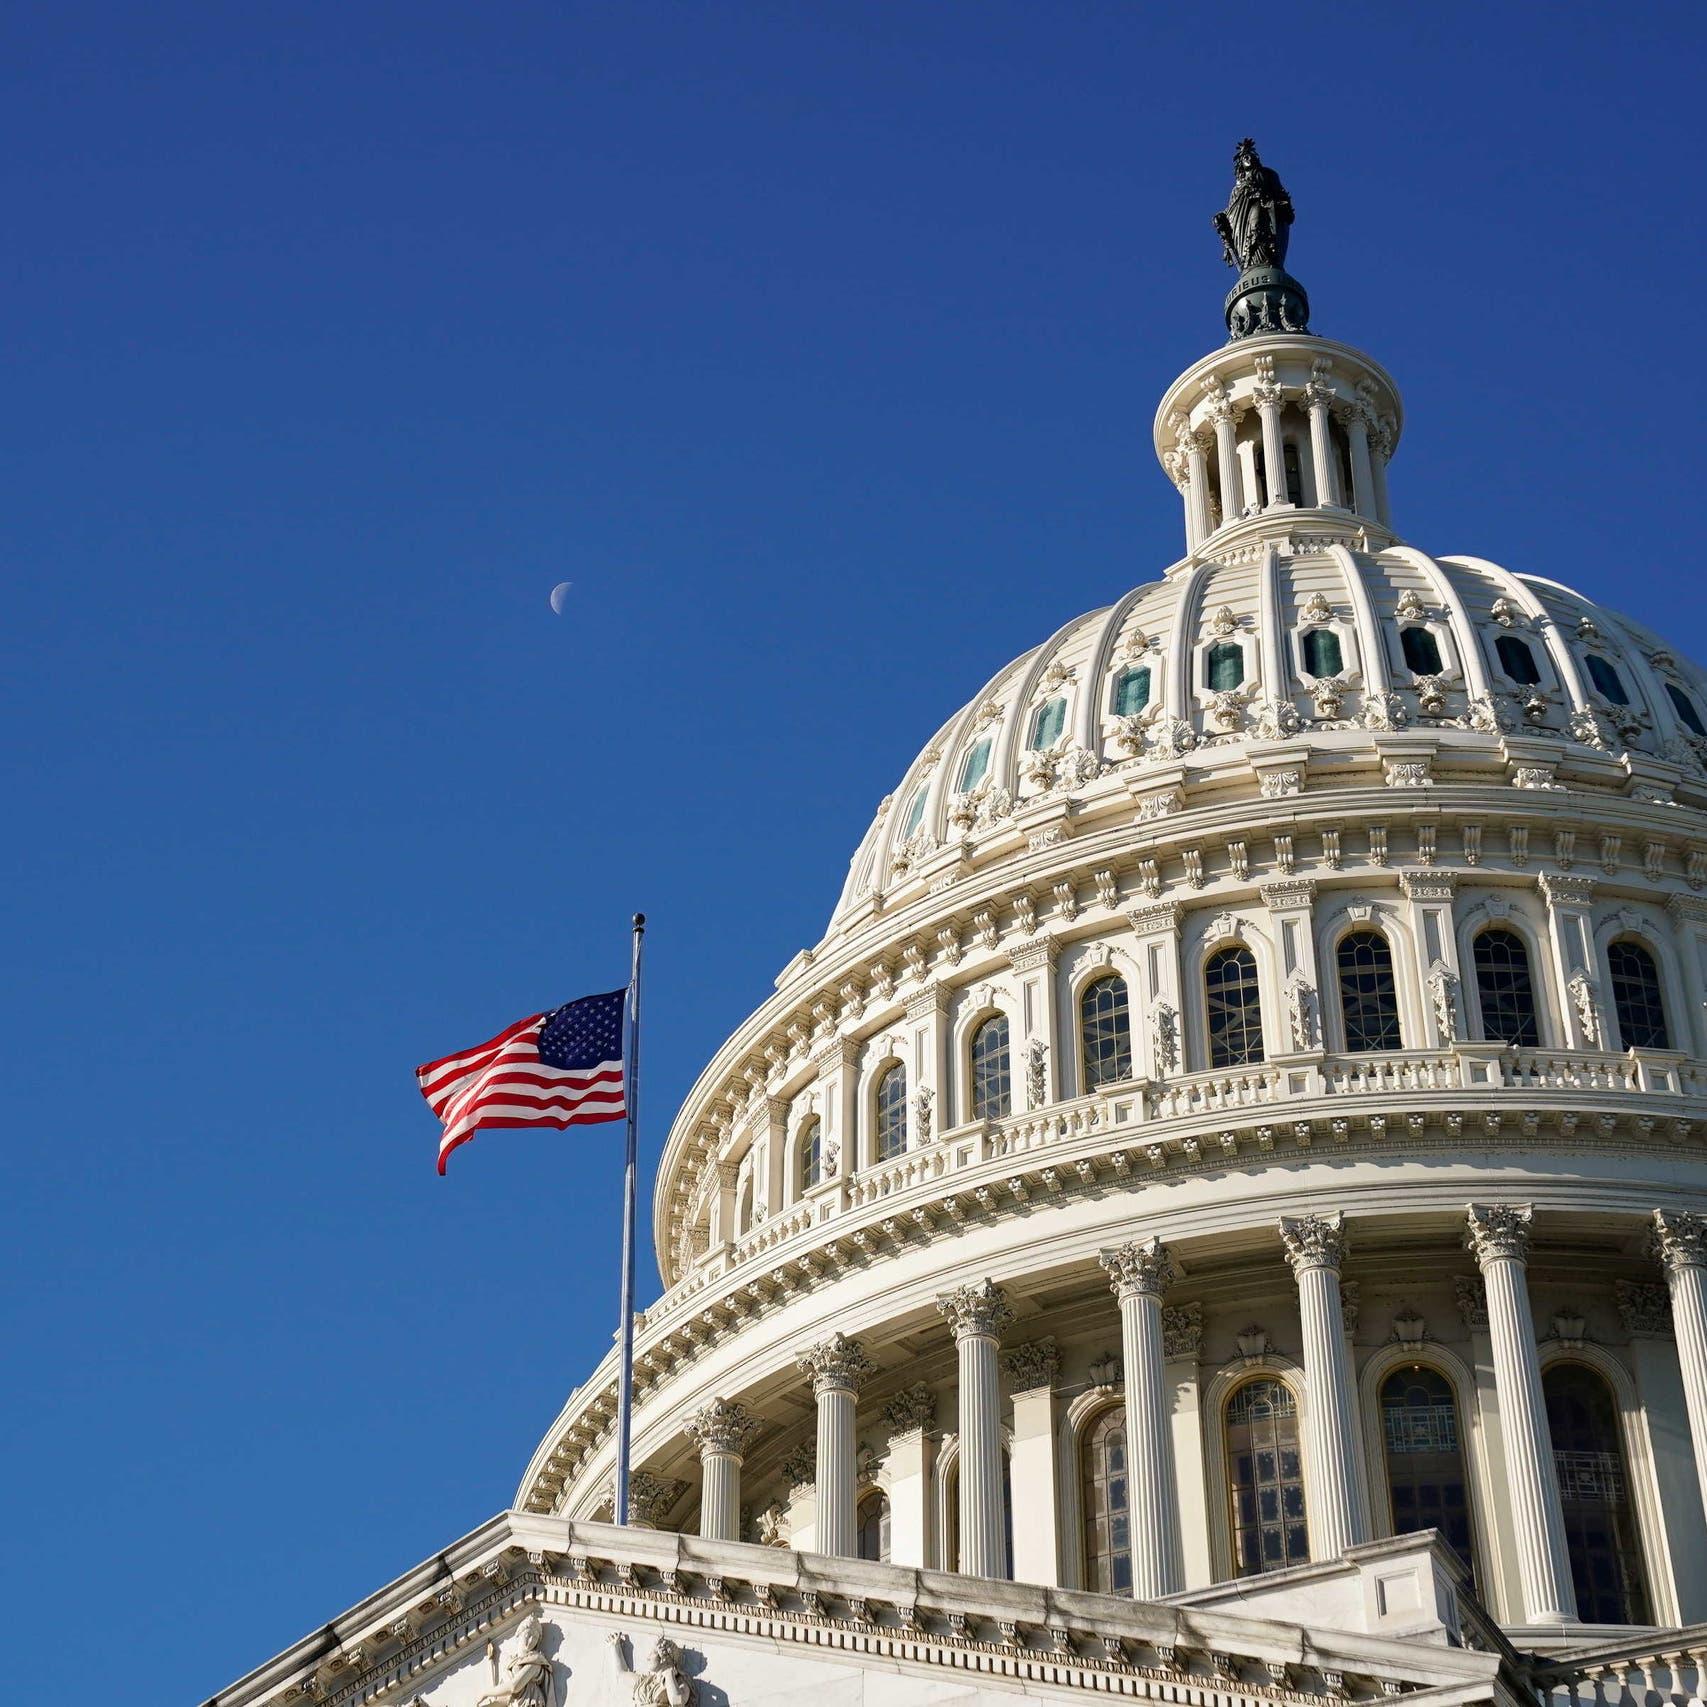 مجلس النواب الأميركي يقر تعليق سقف الدين حتى ديسمبر 2022